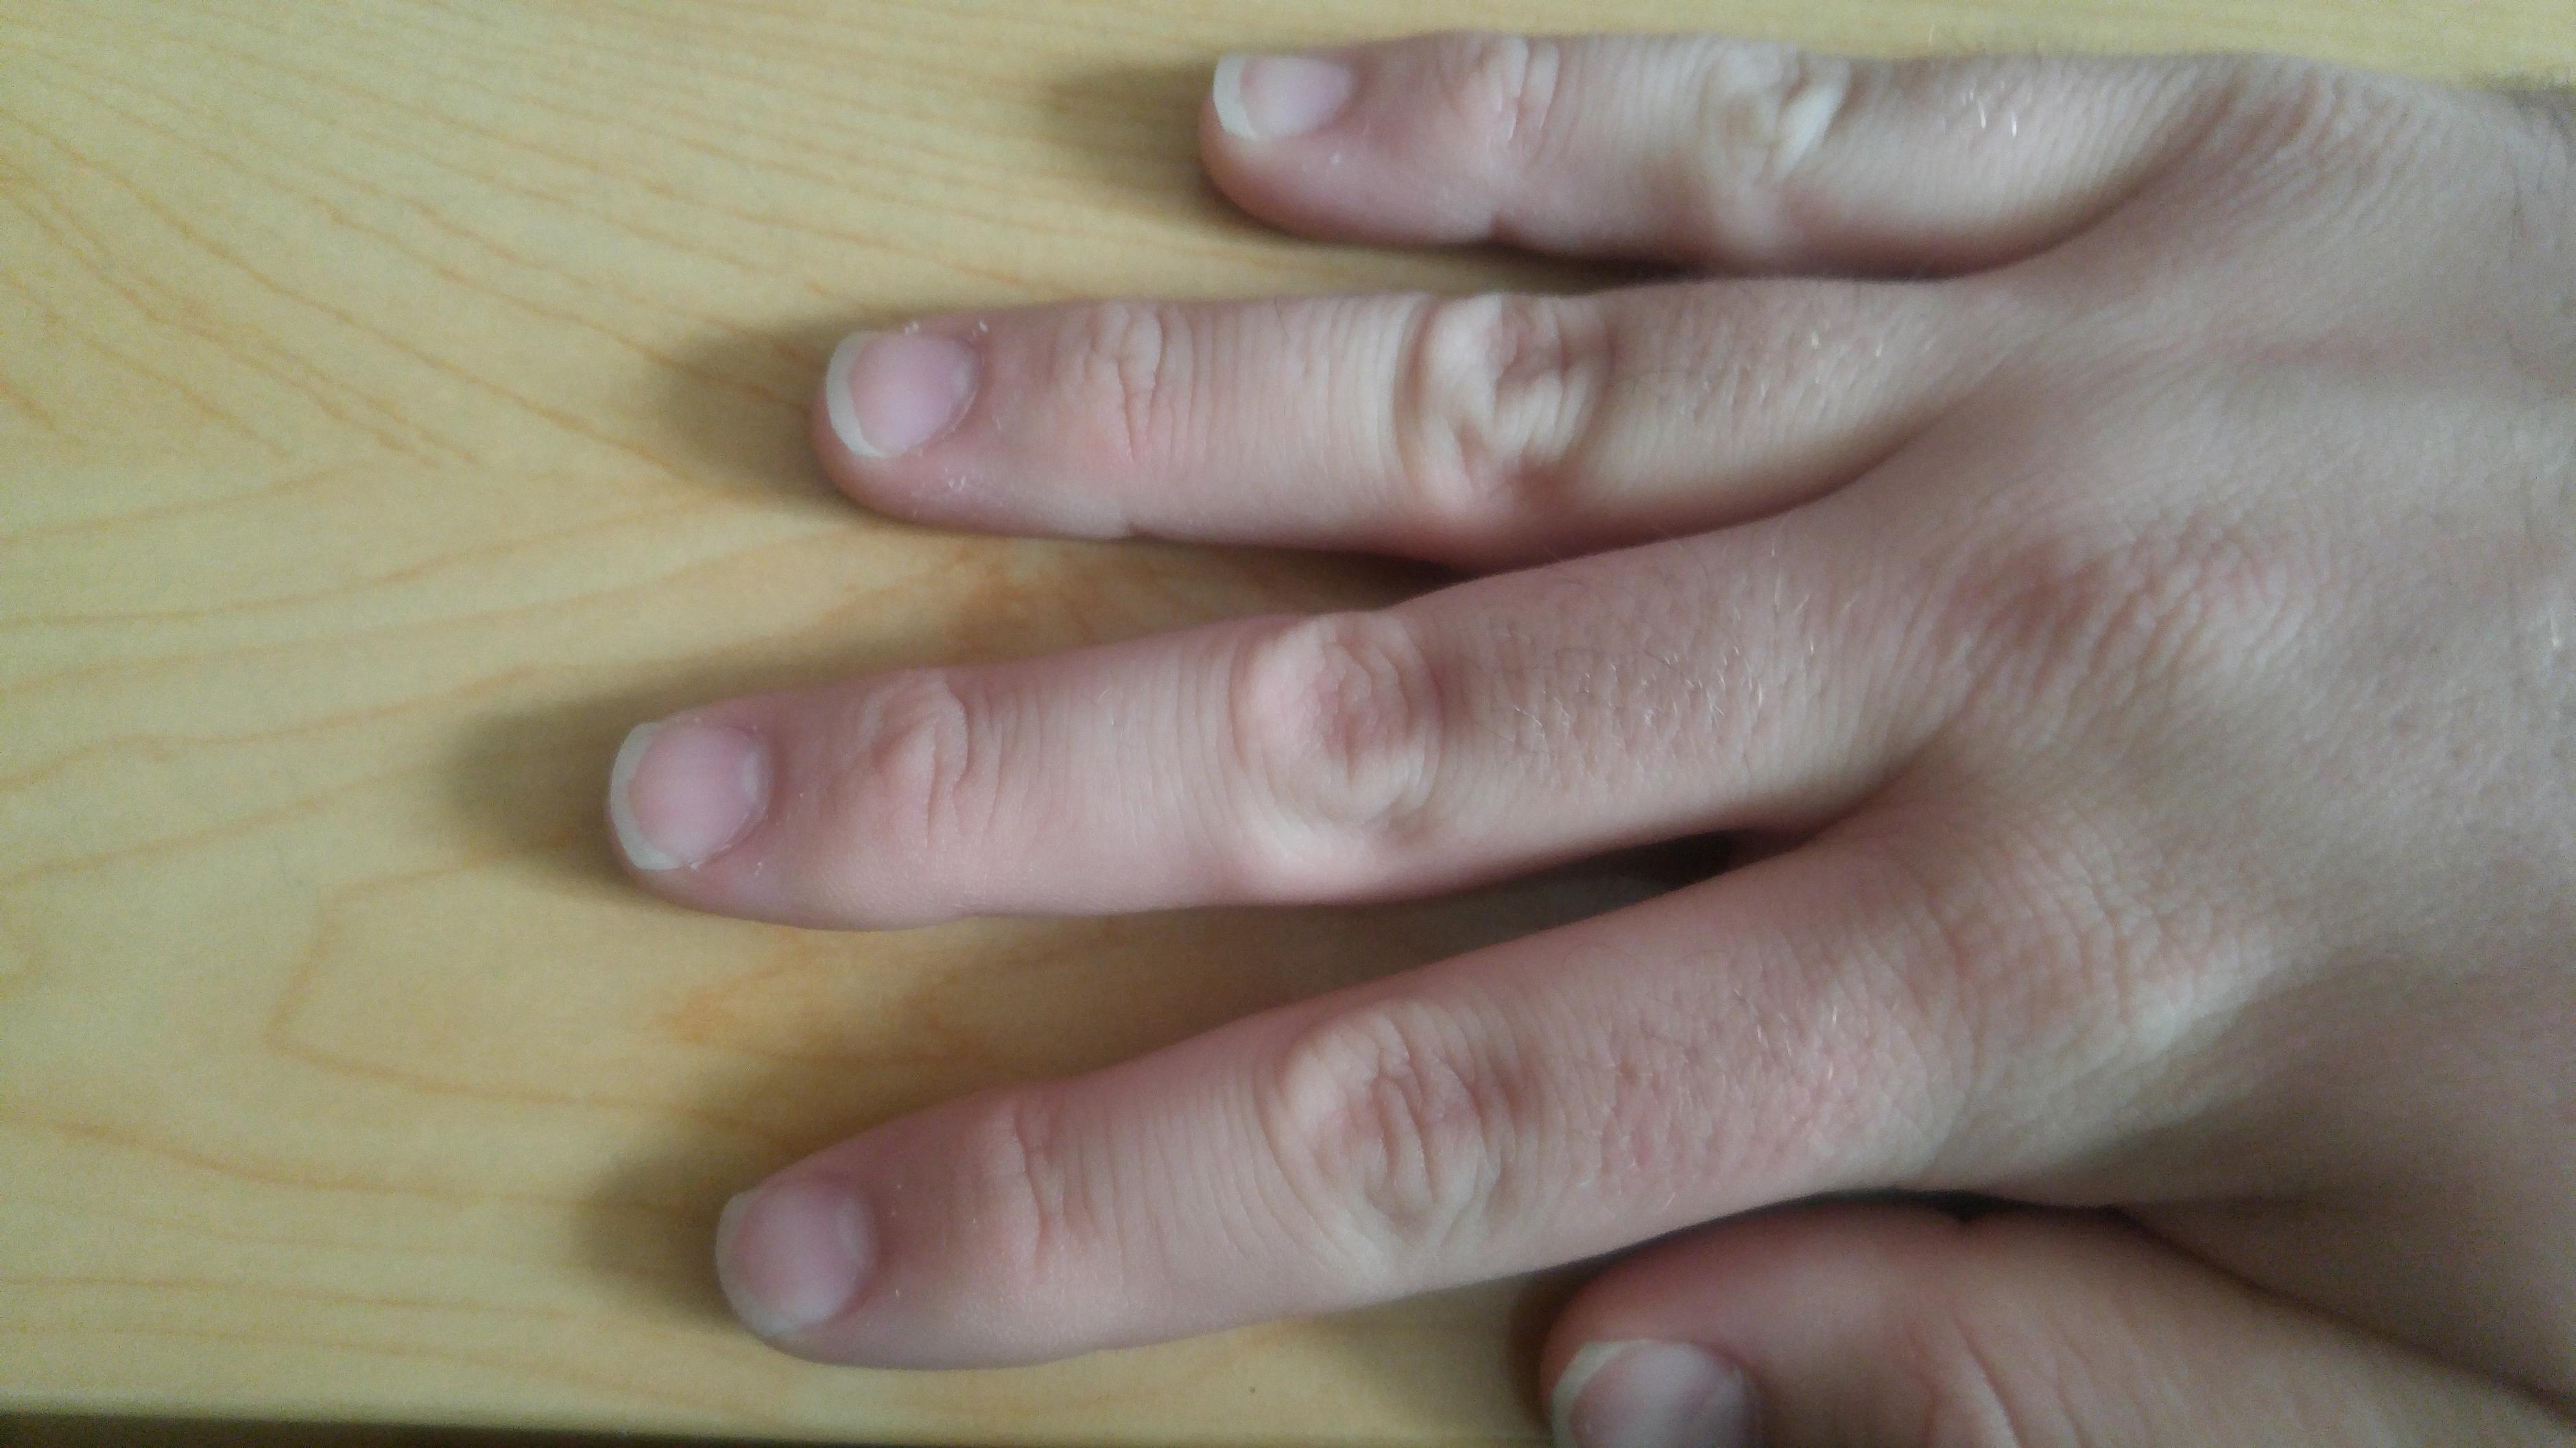 Messed up fingernails